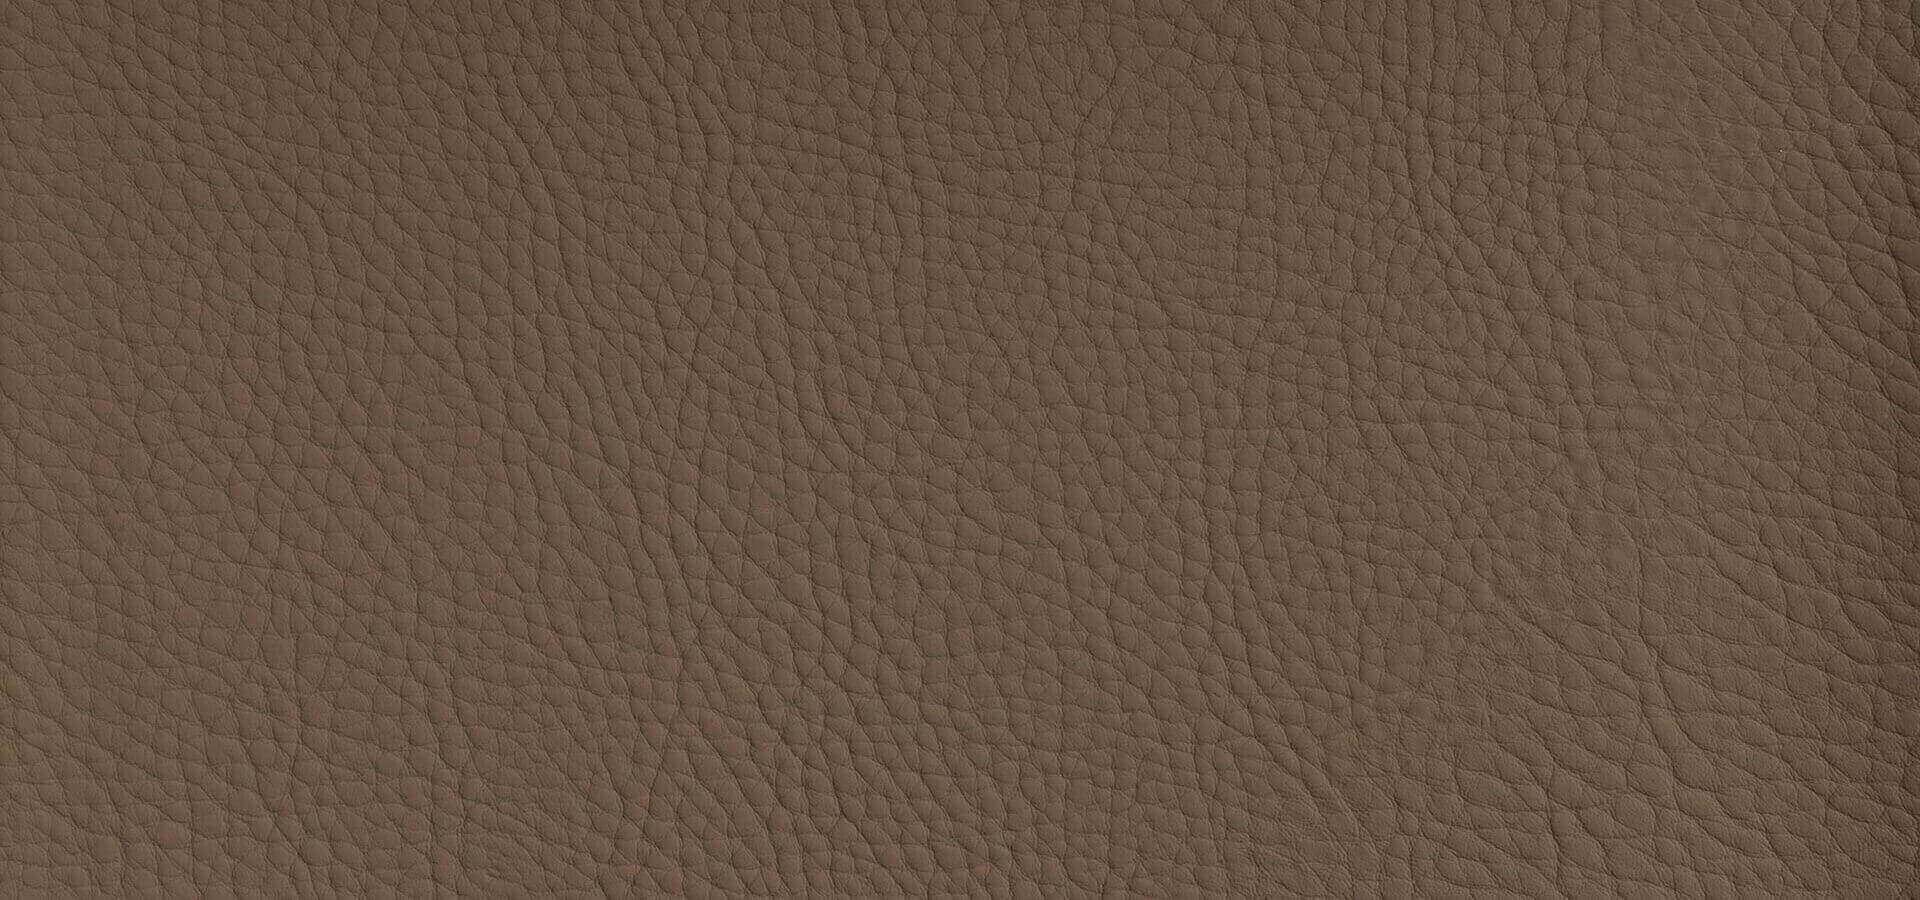 Interior Fabric